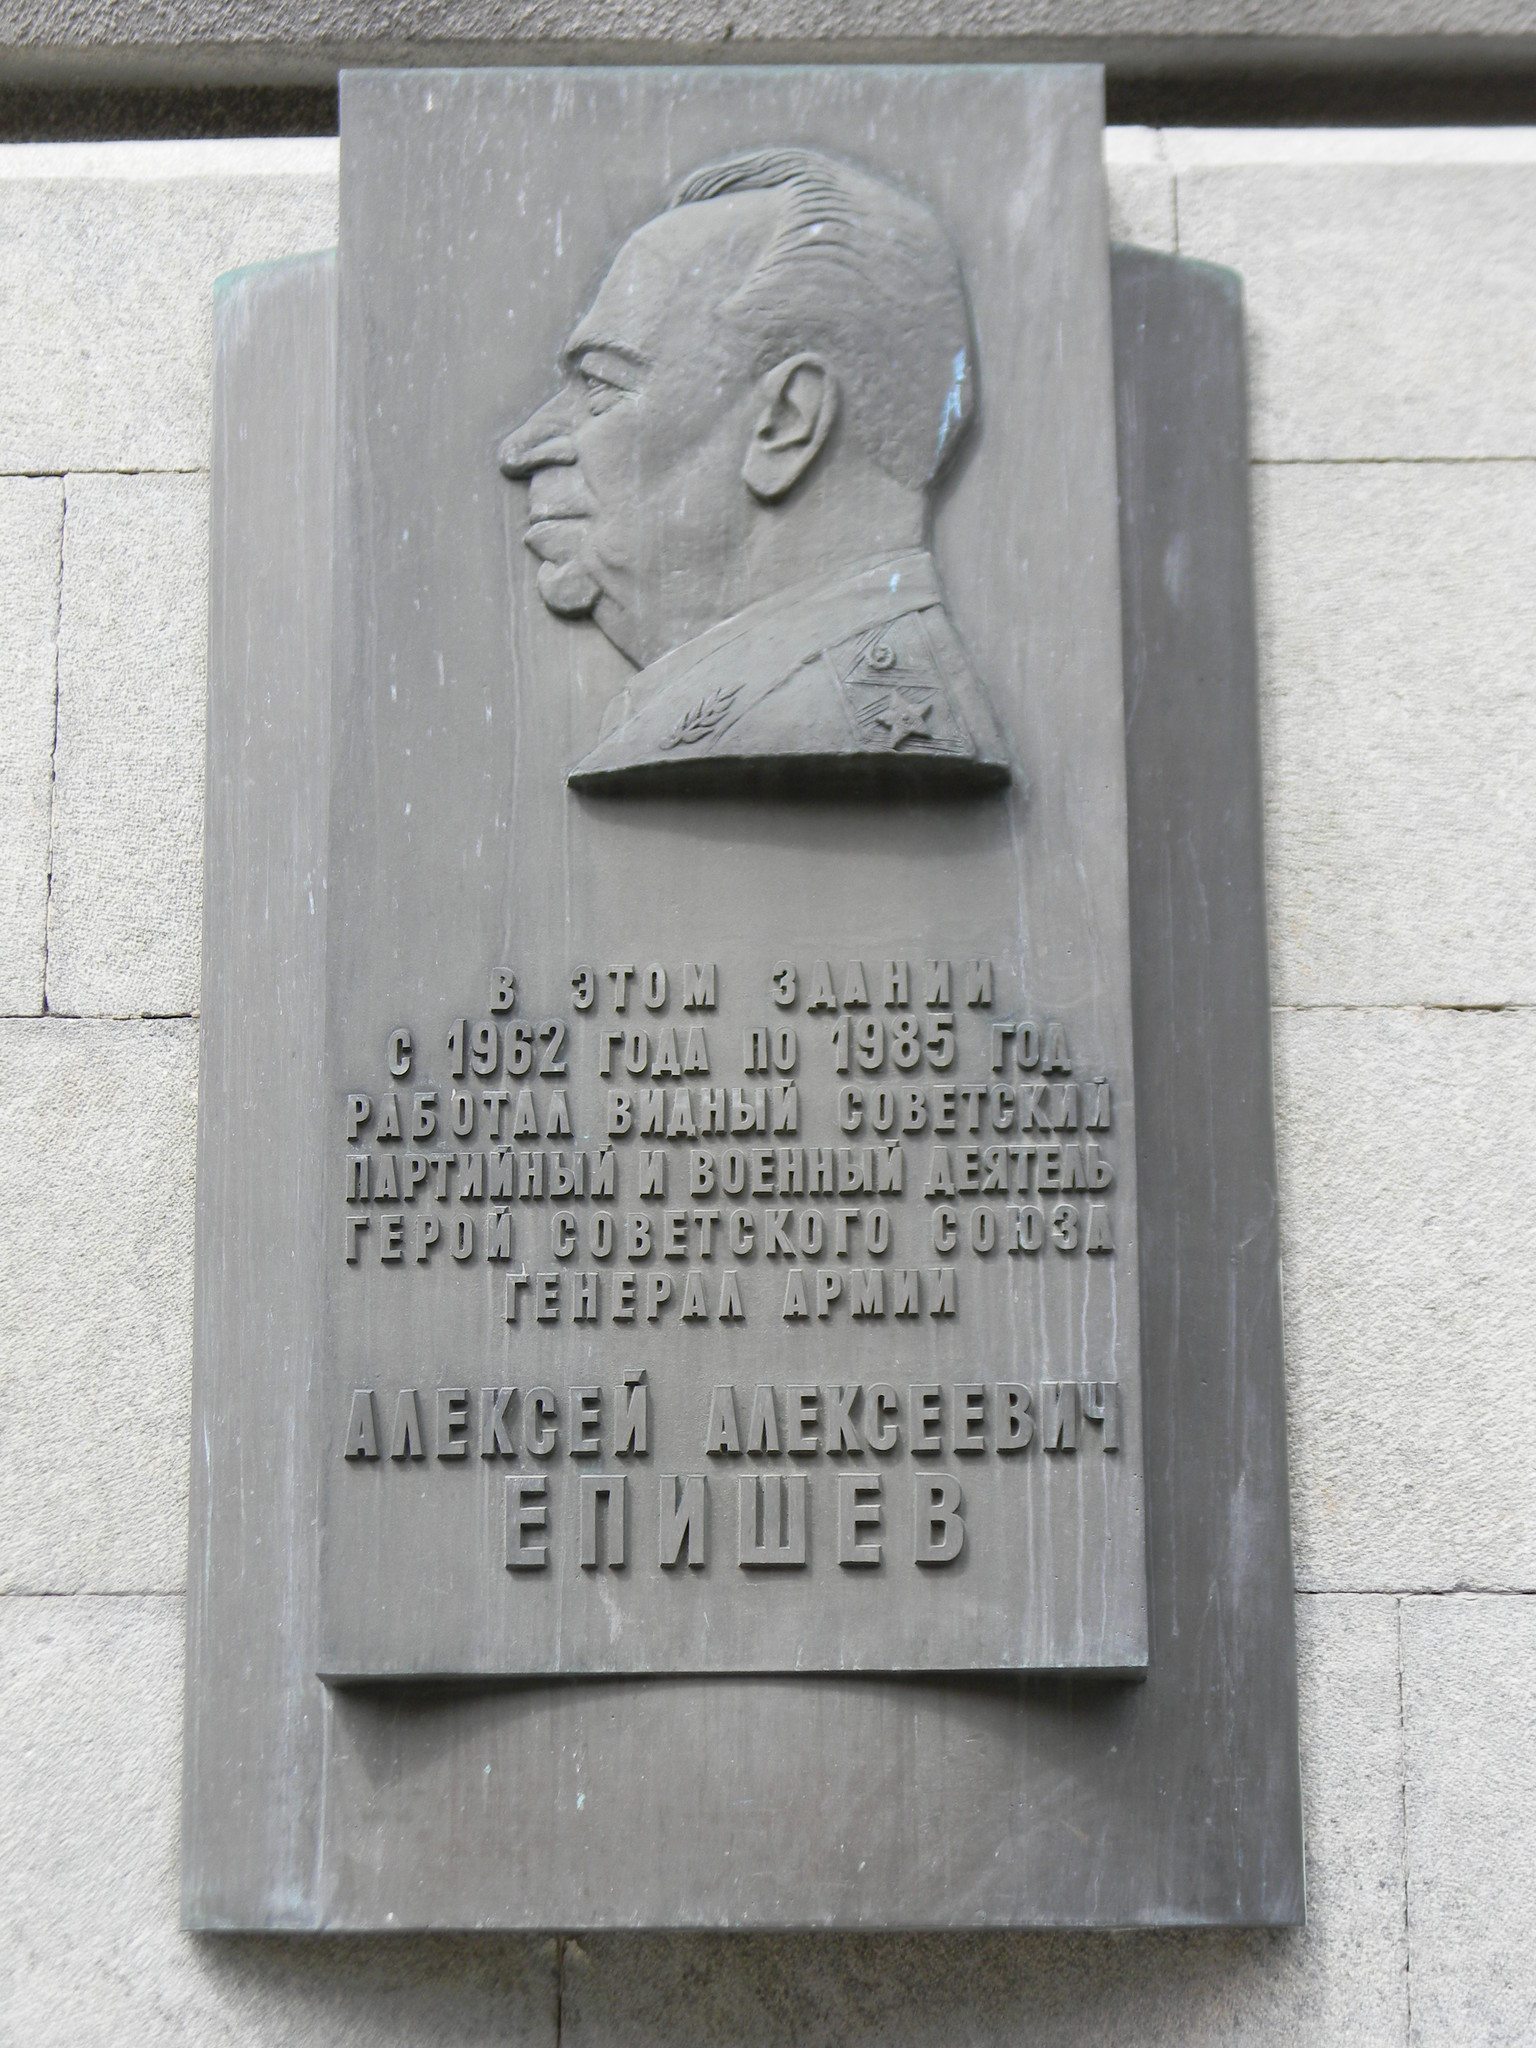 Памятная доска Алексею Алексеевичу Епишеву